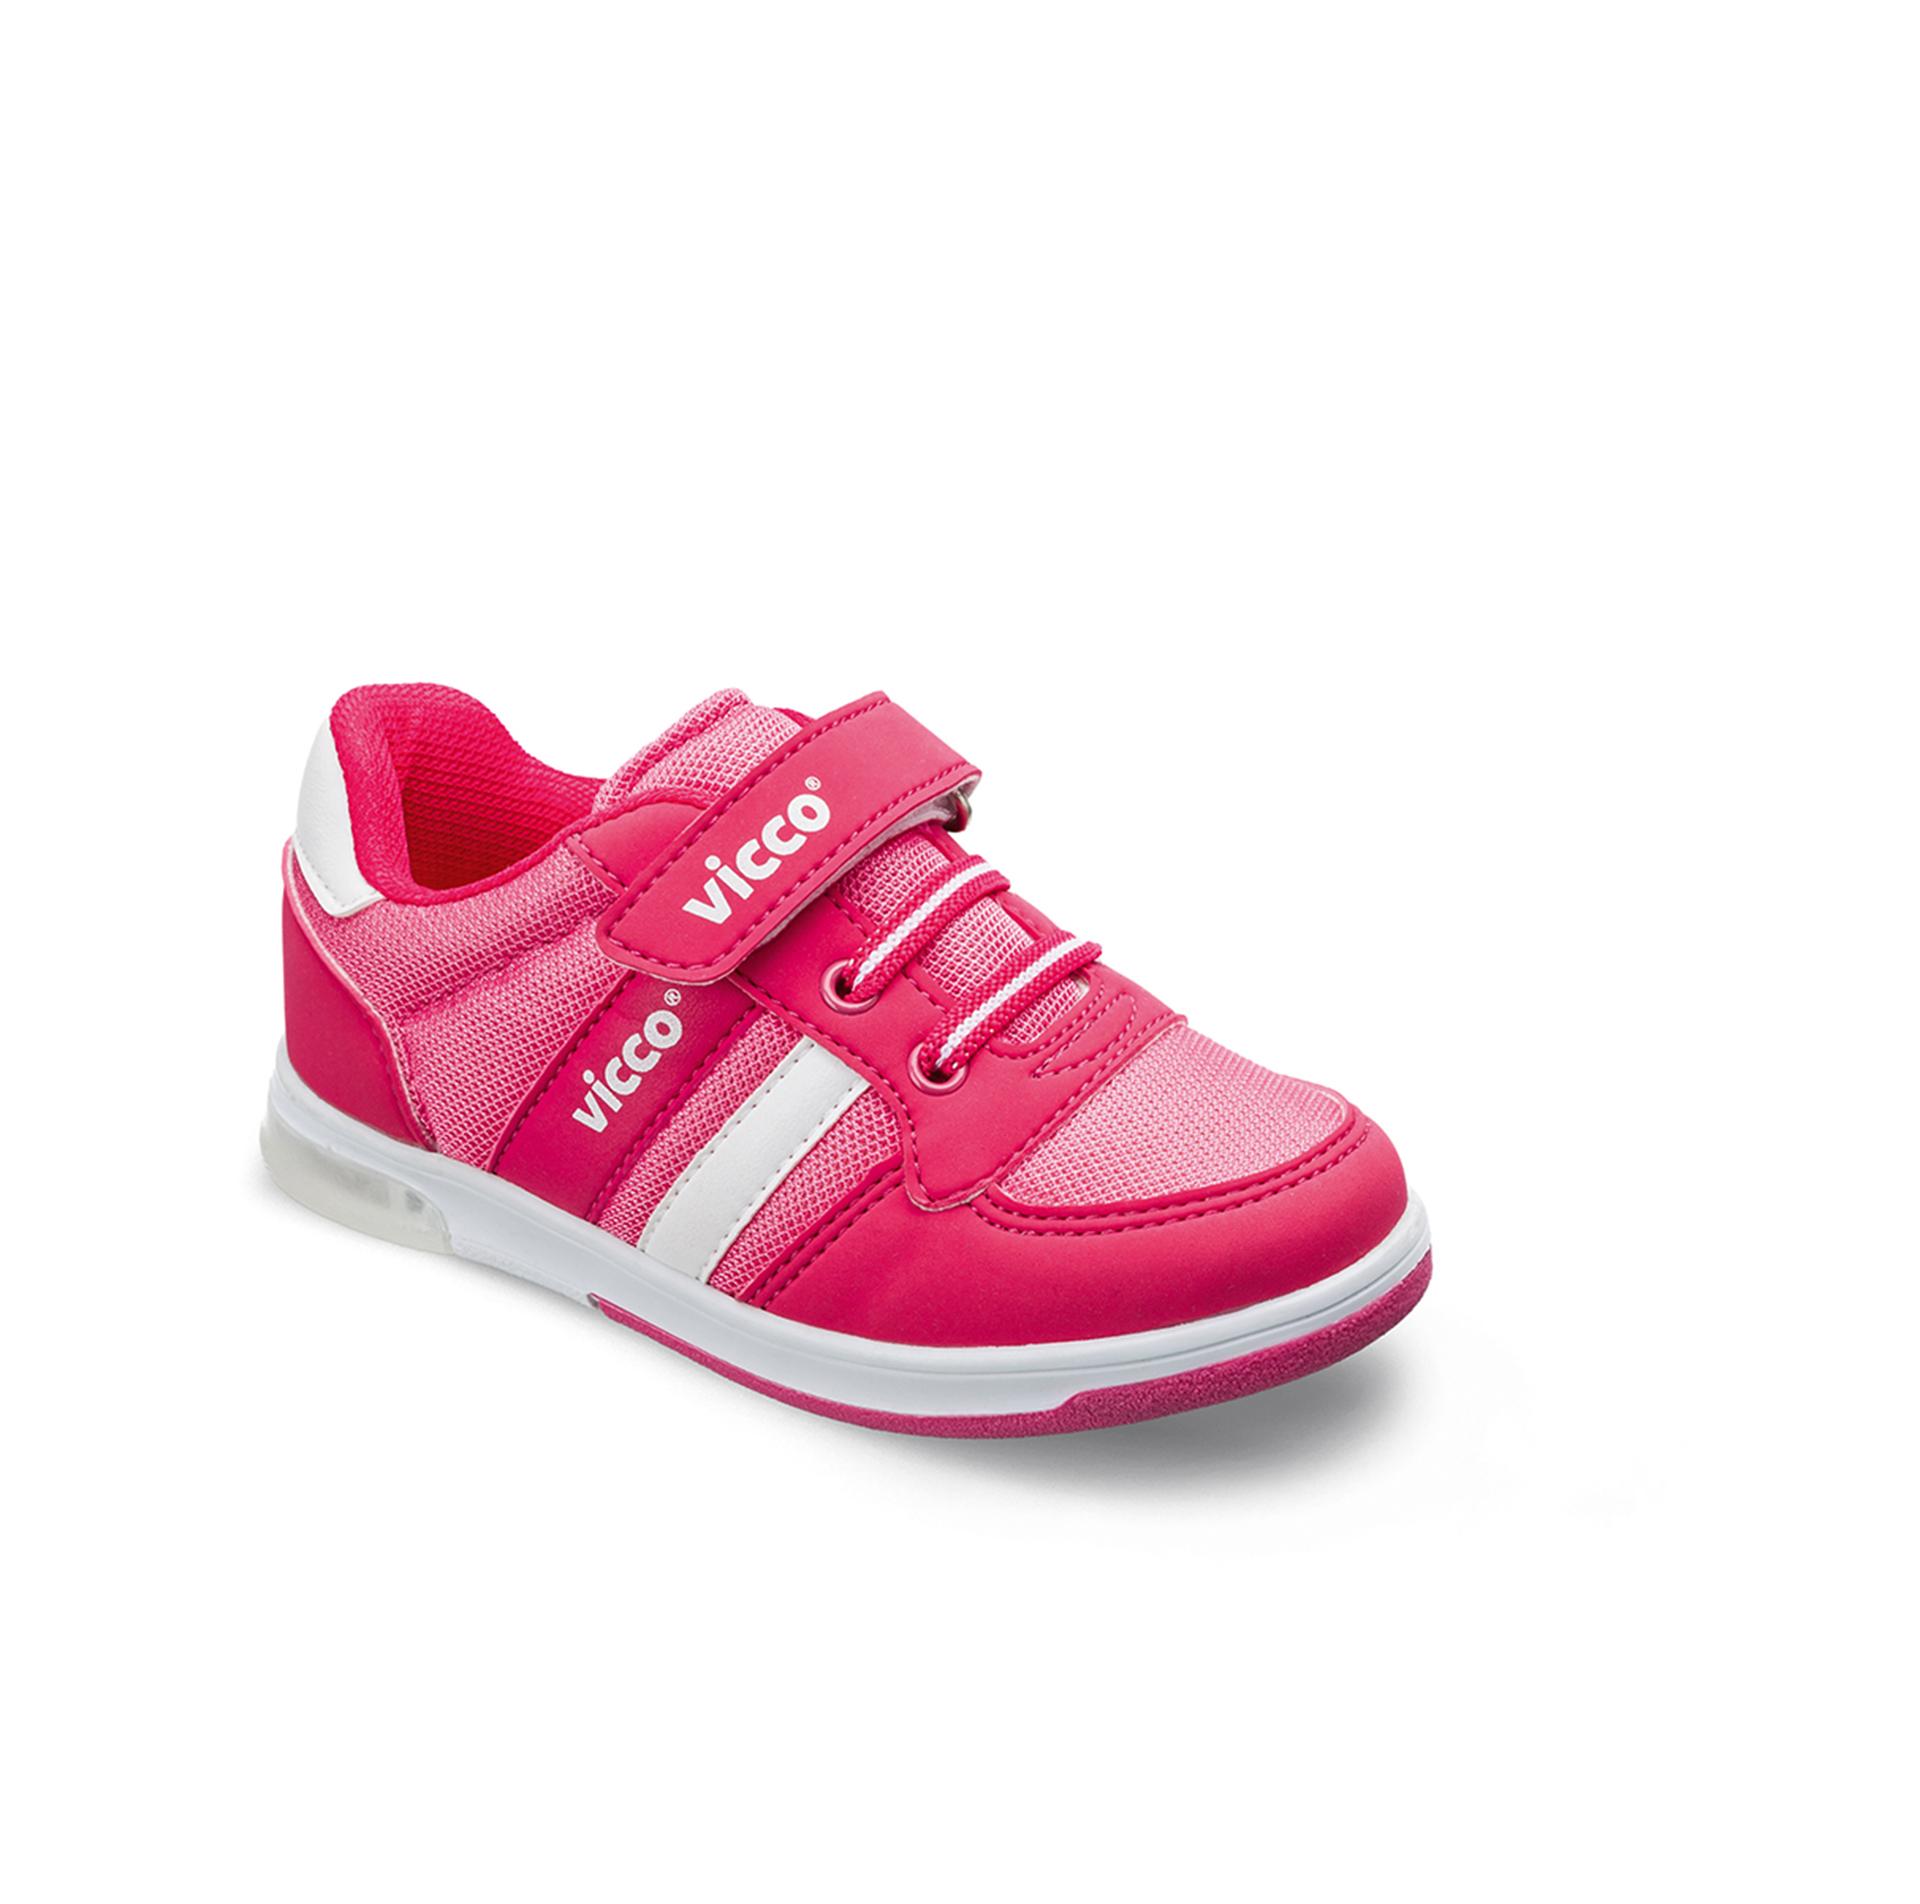 3ae5de66cb9 Детски светещи маратонки VICCO | Обувки - Детски, дамски и мъжки обувки